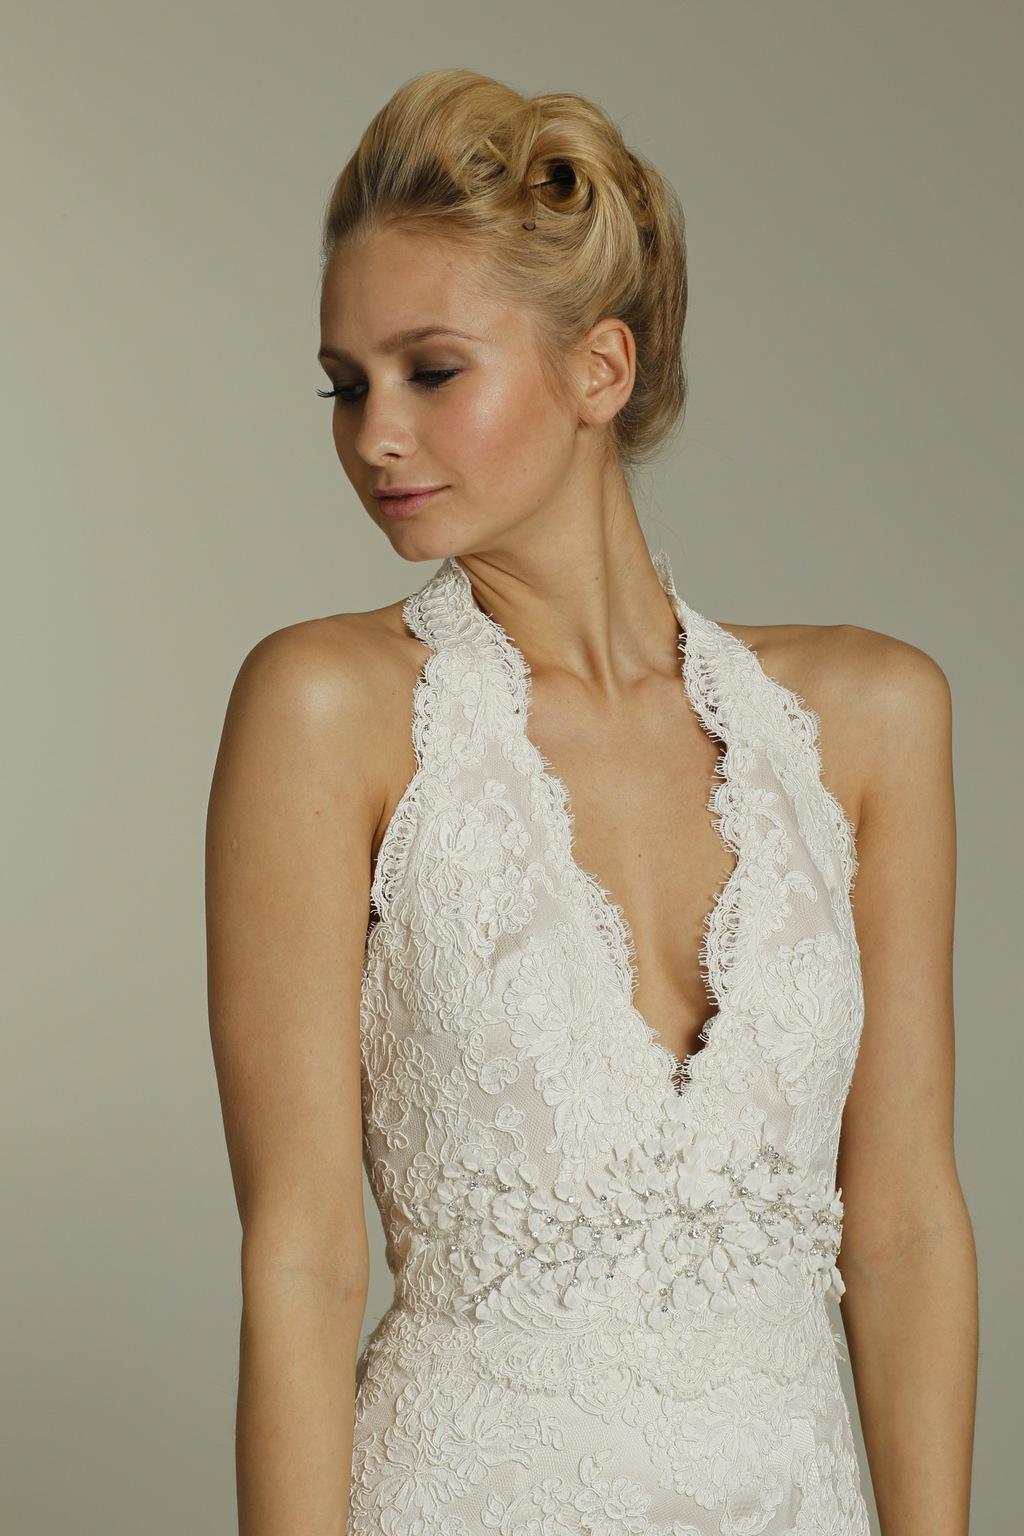 Romantic Lace Halter Deep V Neck Wedding Dress With Embellished Sash